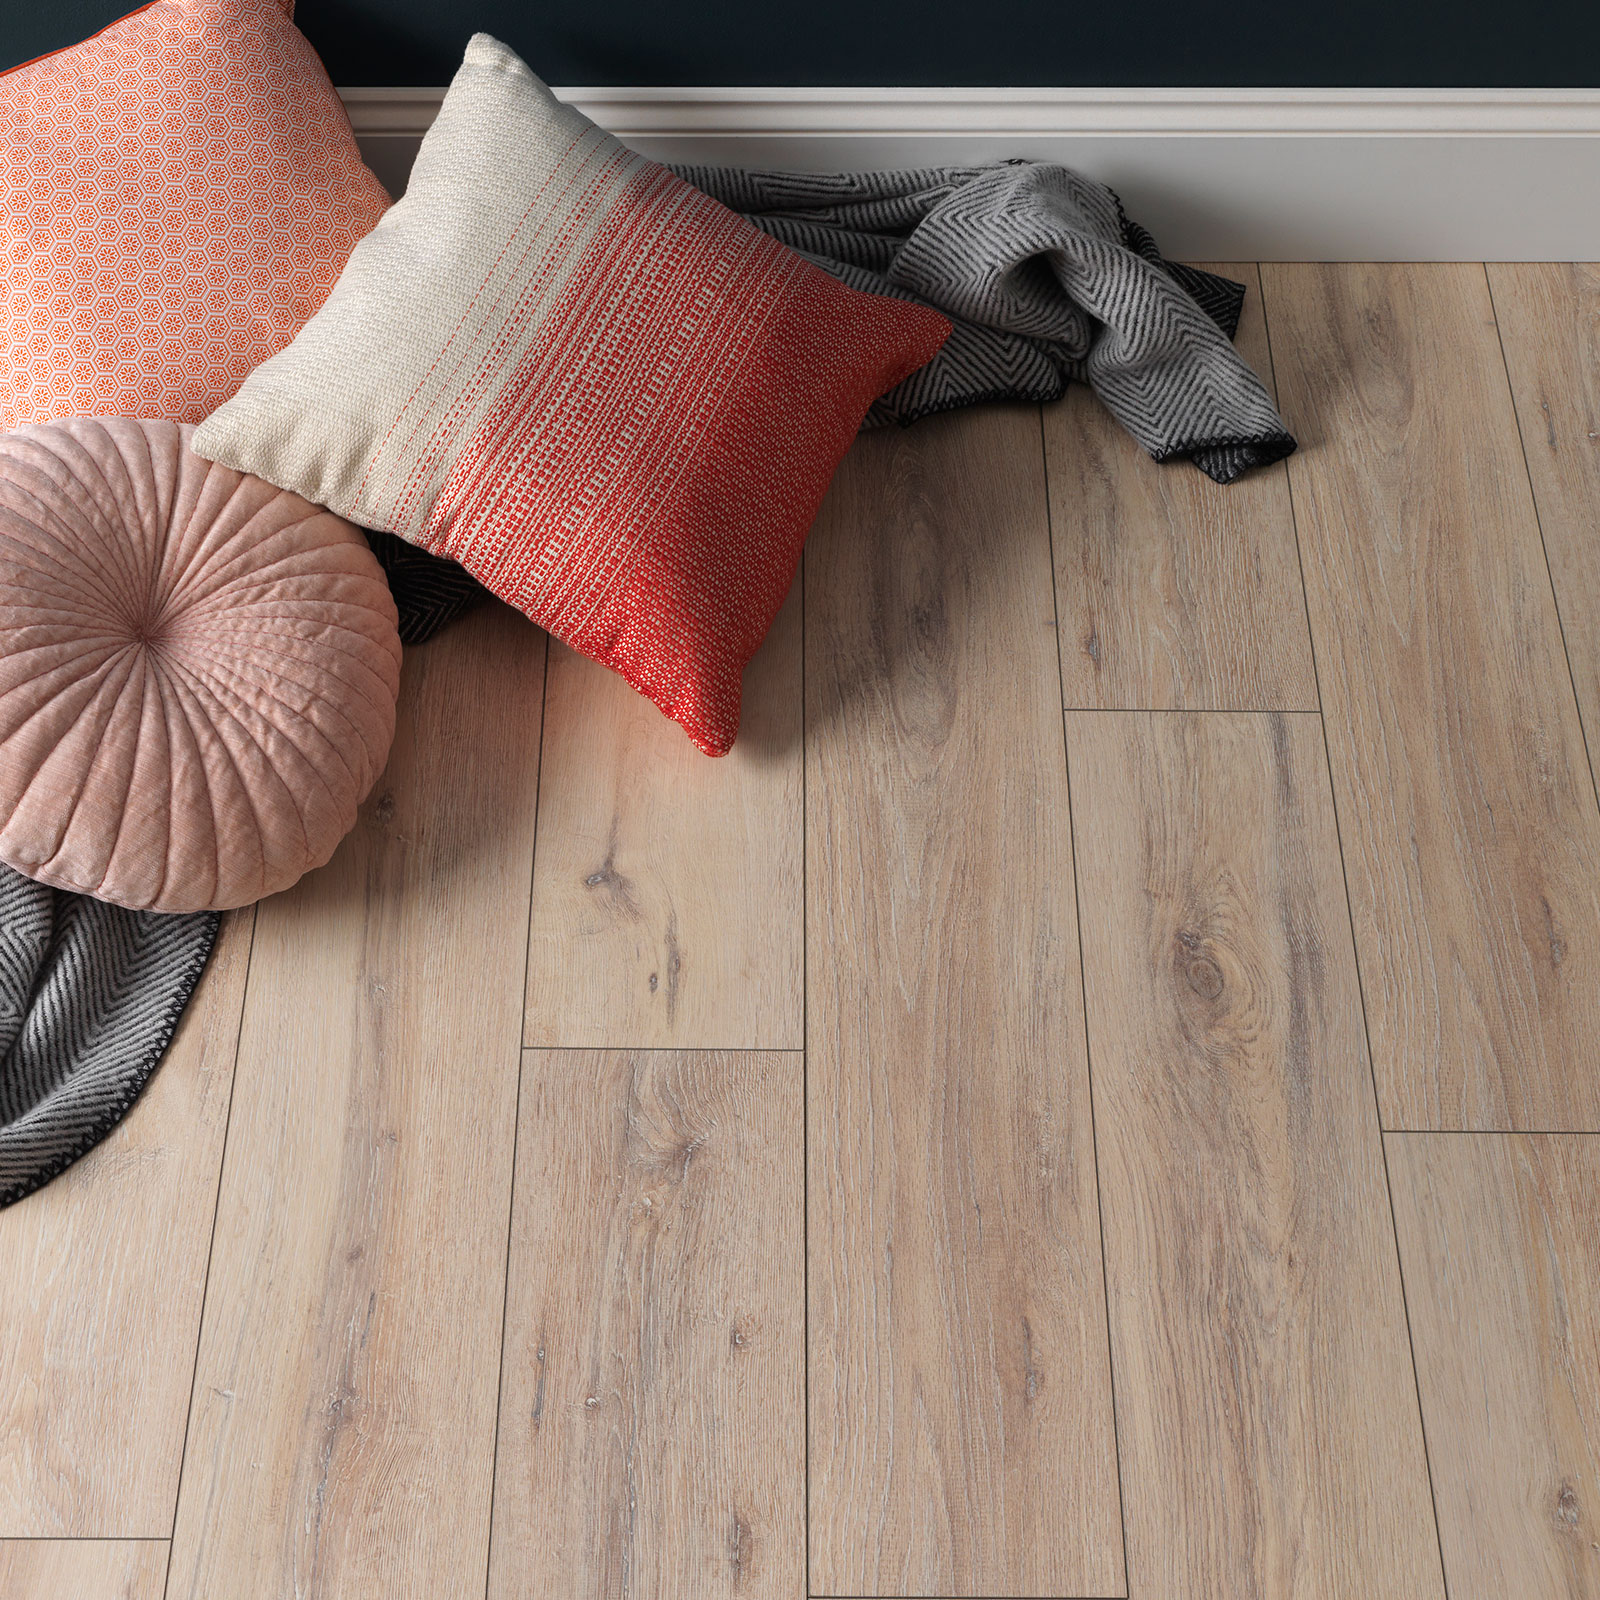 kystlaminatgulv med puder på gulvet